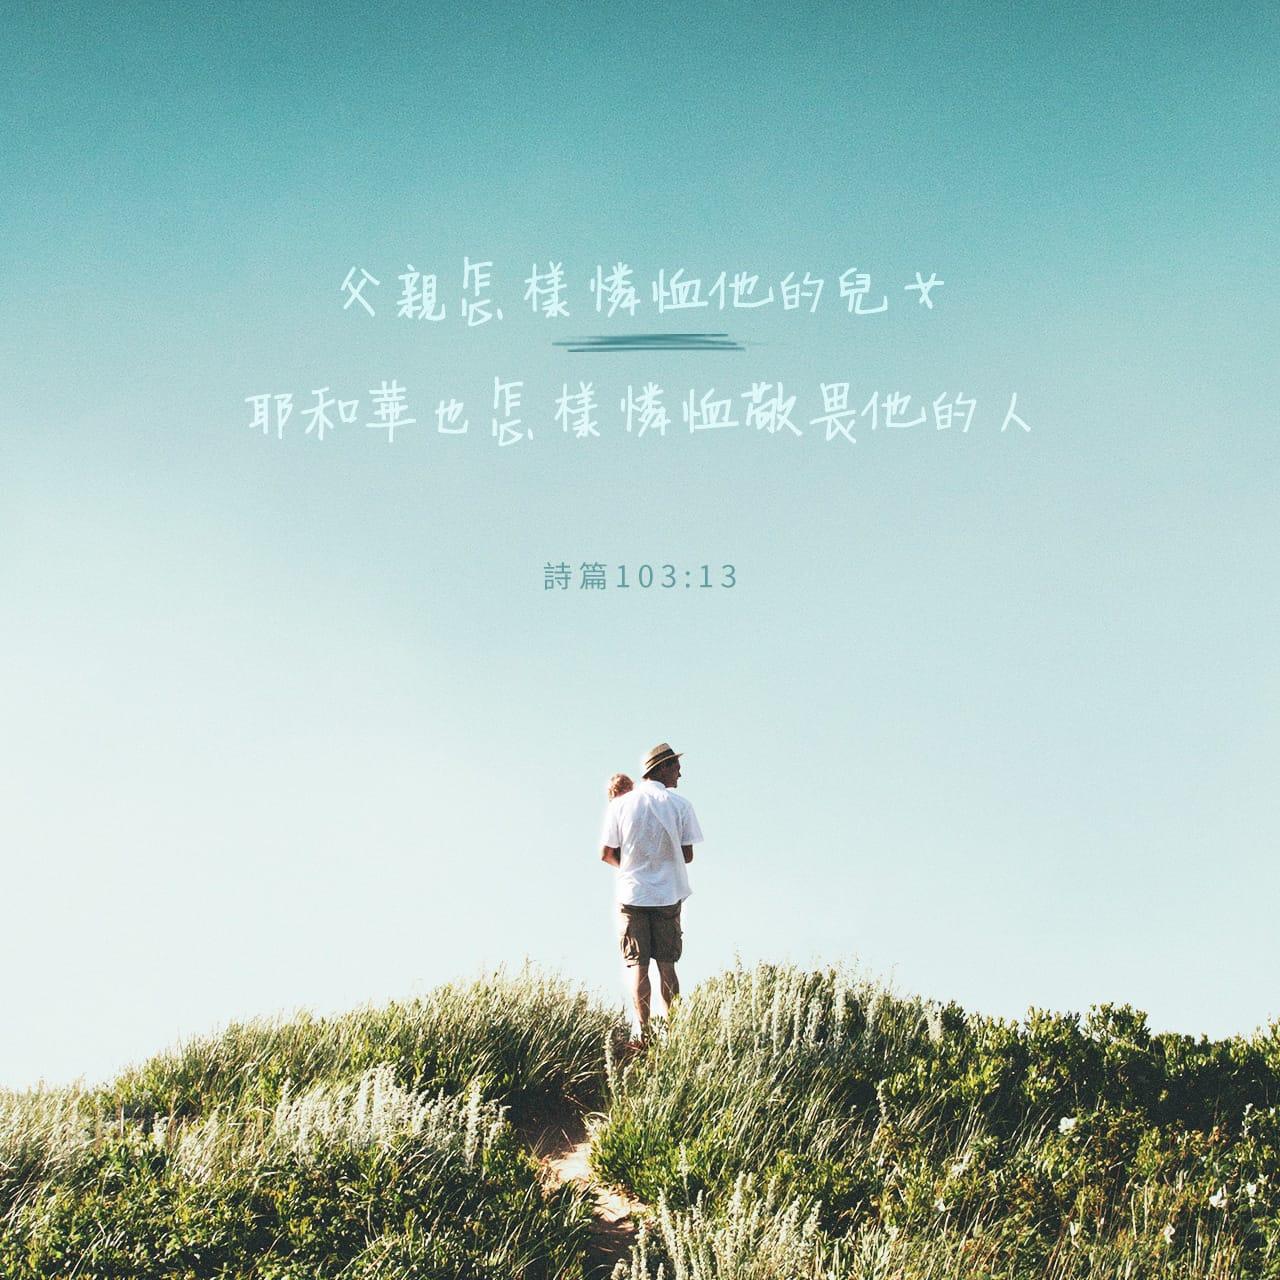 父親怎樣憐恤他的兒女,耶和華也怎樣憐恤敬畏他的人。——詩篇103:13 經文圖